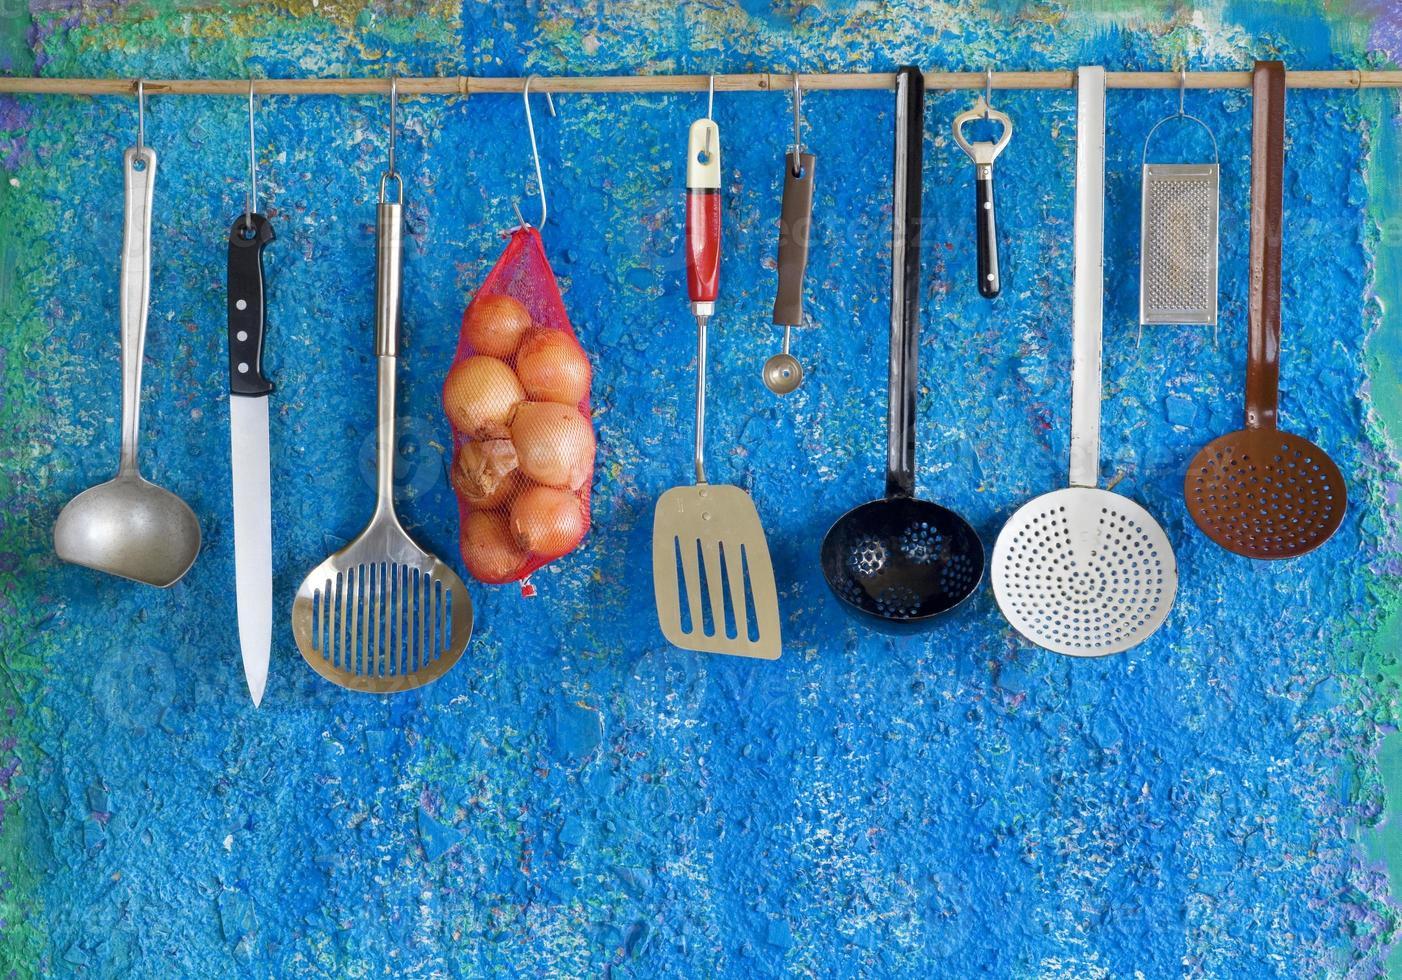 utensilios de cocina foto